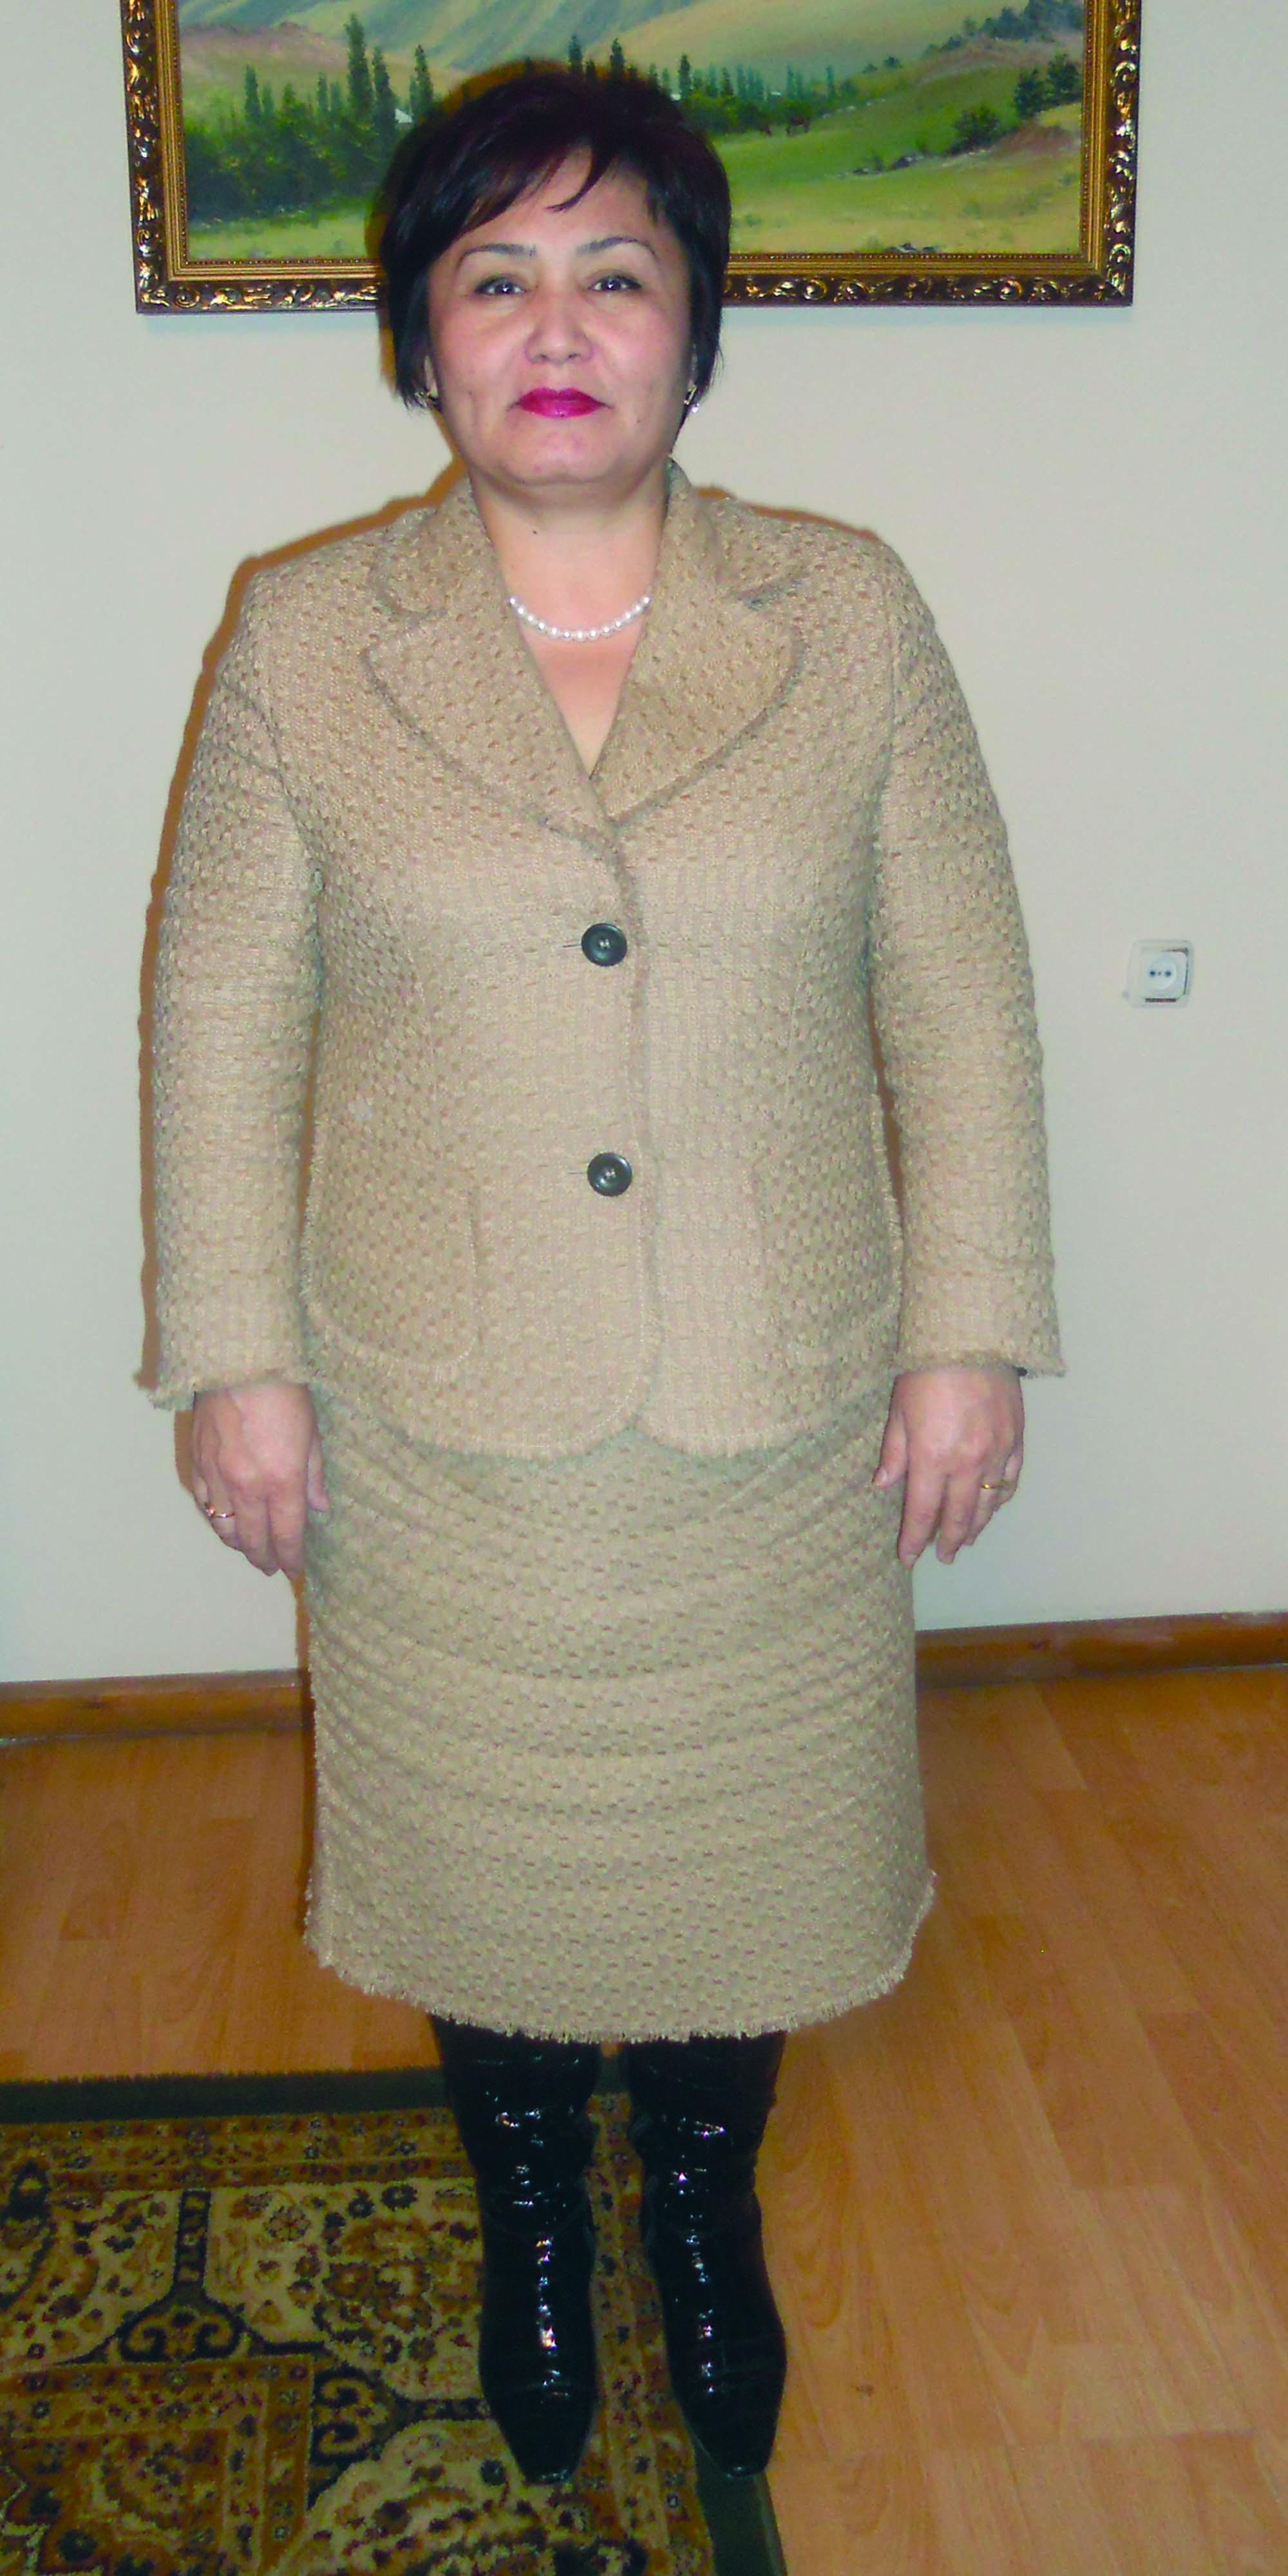 Гүлмира Тағаева, ОҚО ішкі саясат басқармасының бастығы: